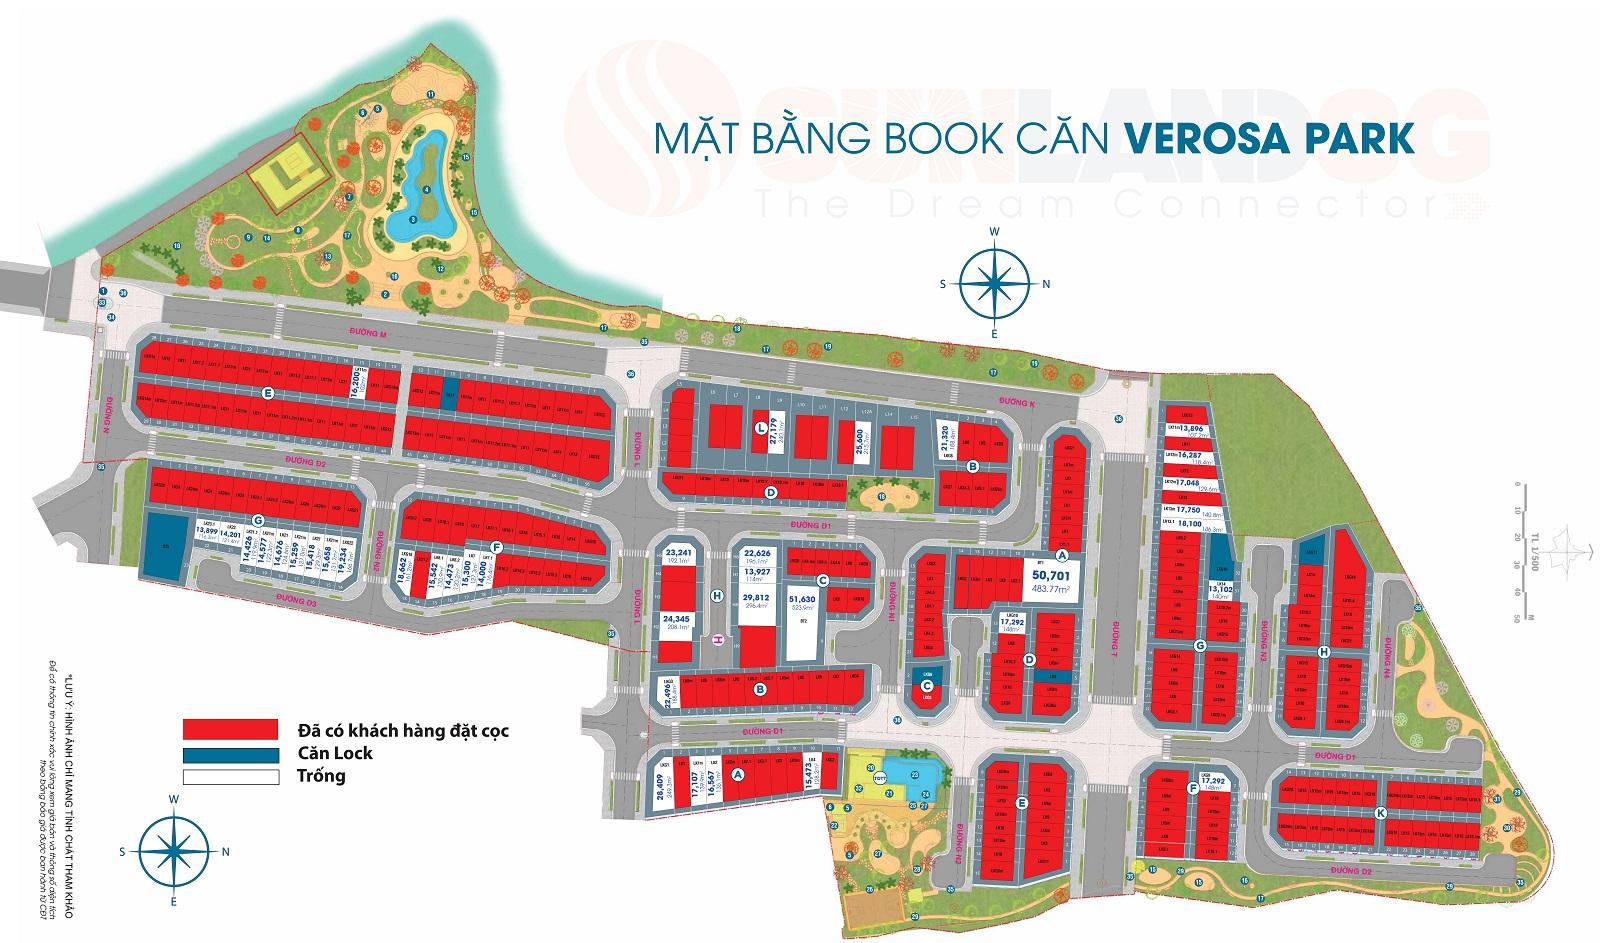 mặt bằng tổng thể book căn verosa park tháng 11/2020